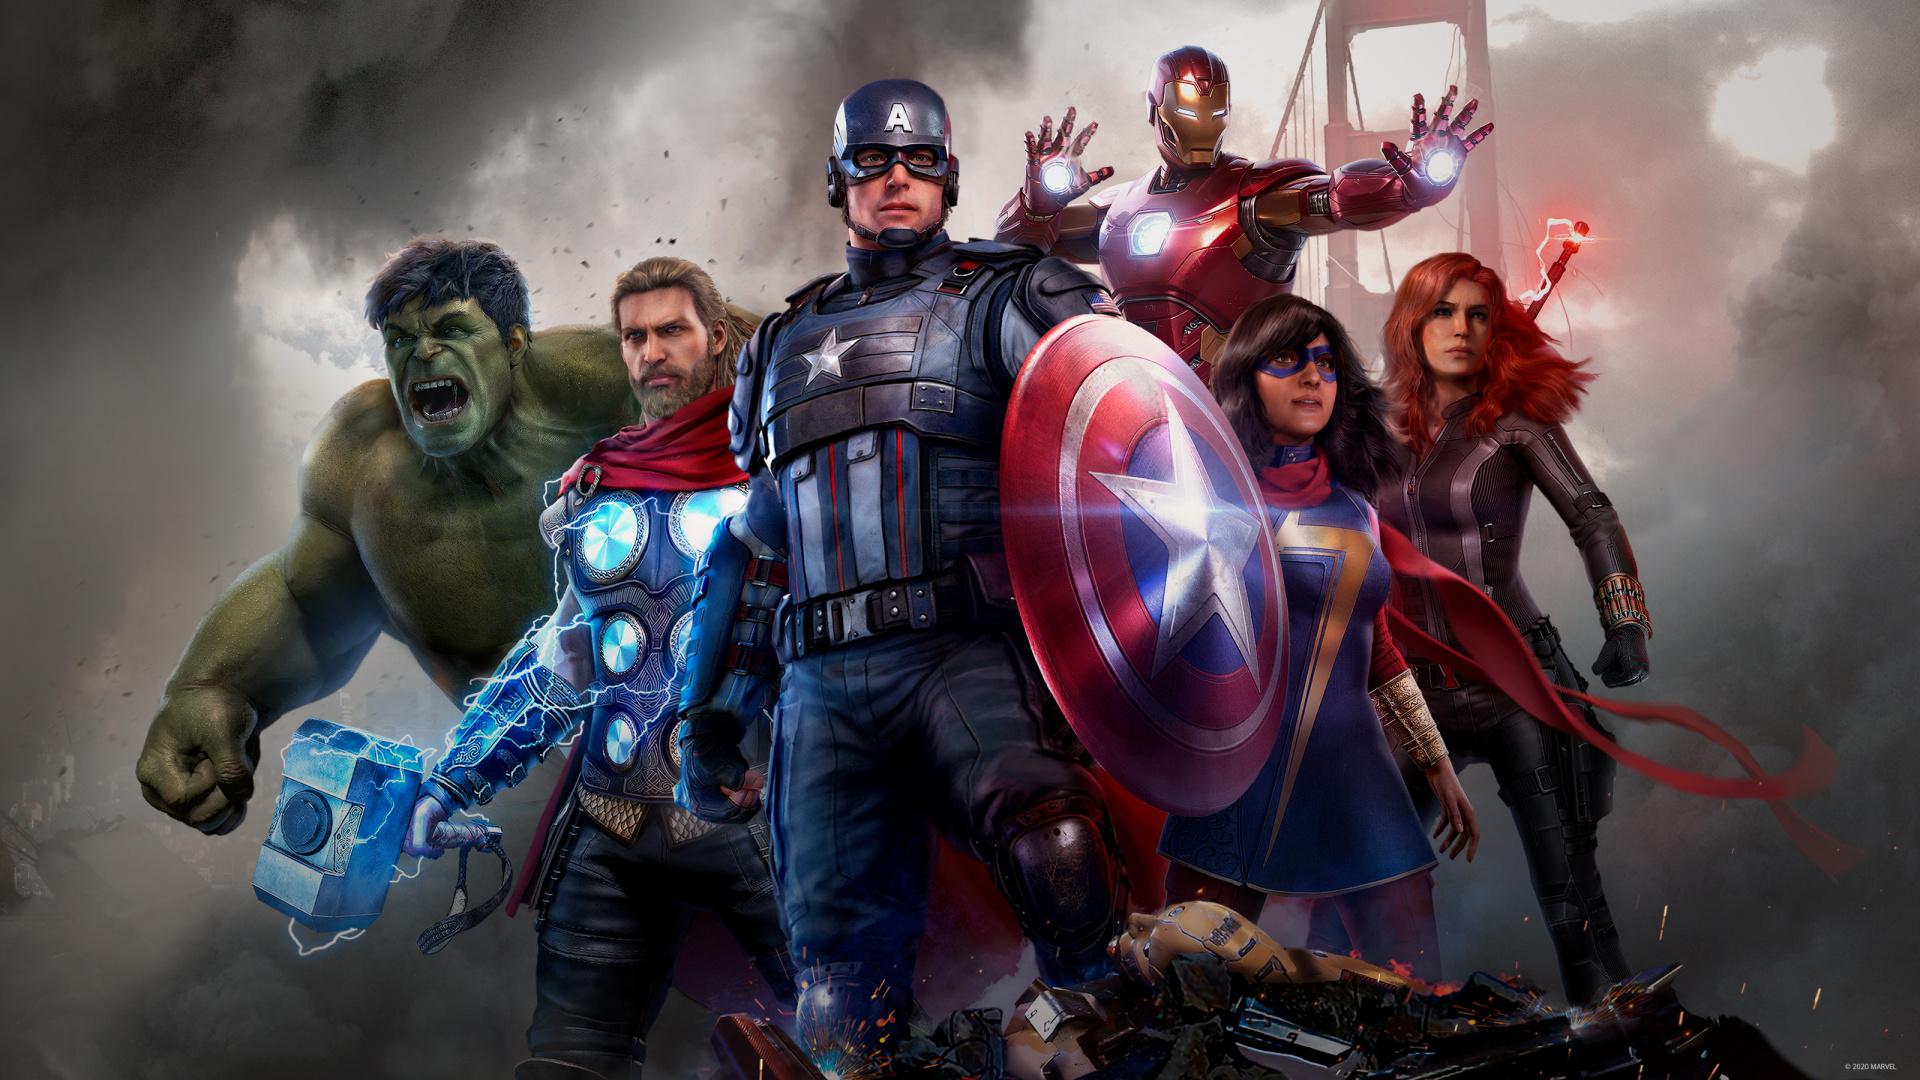 Режиссеры Marvel братья Руссо: фильмы о Мстителях стали мощным политическим инструментом в нужное время  — фото 1